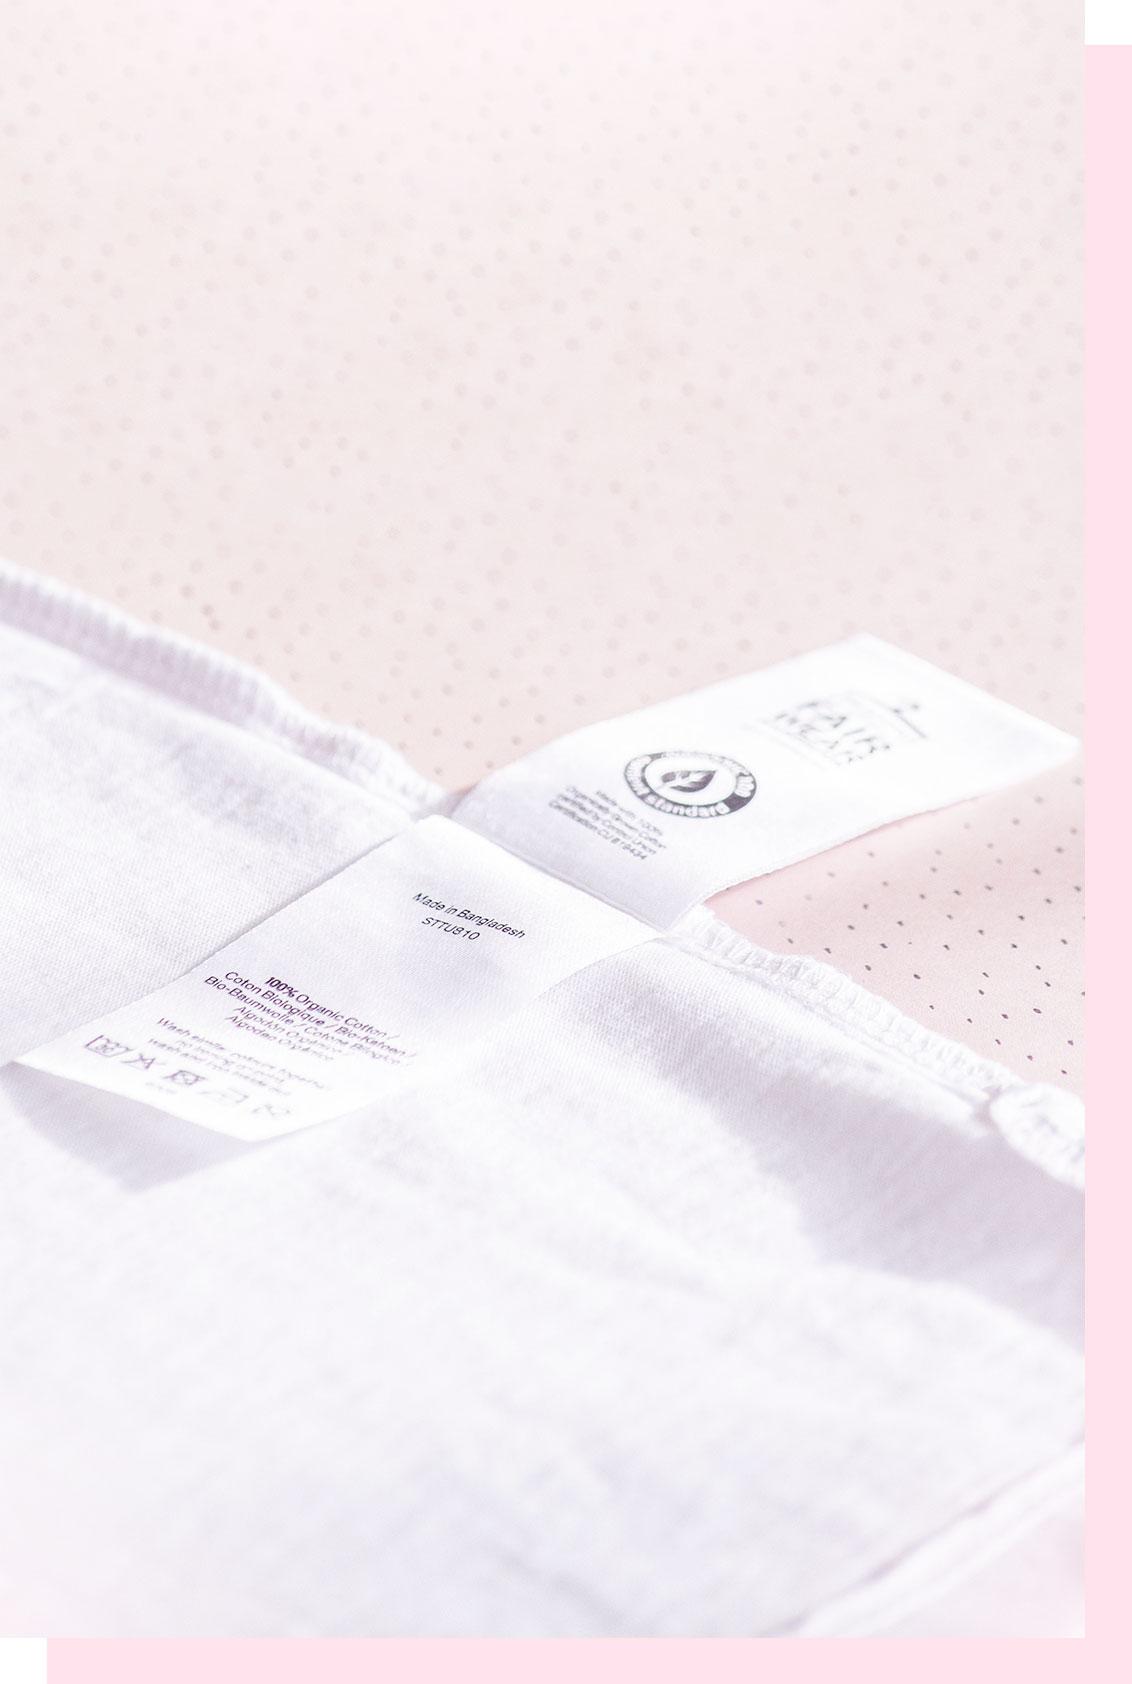 Etiquette de vêtement et composition du tissu